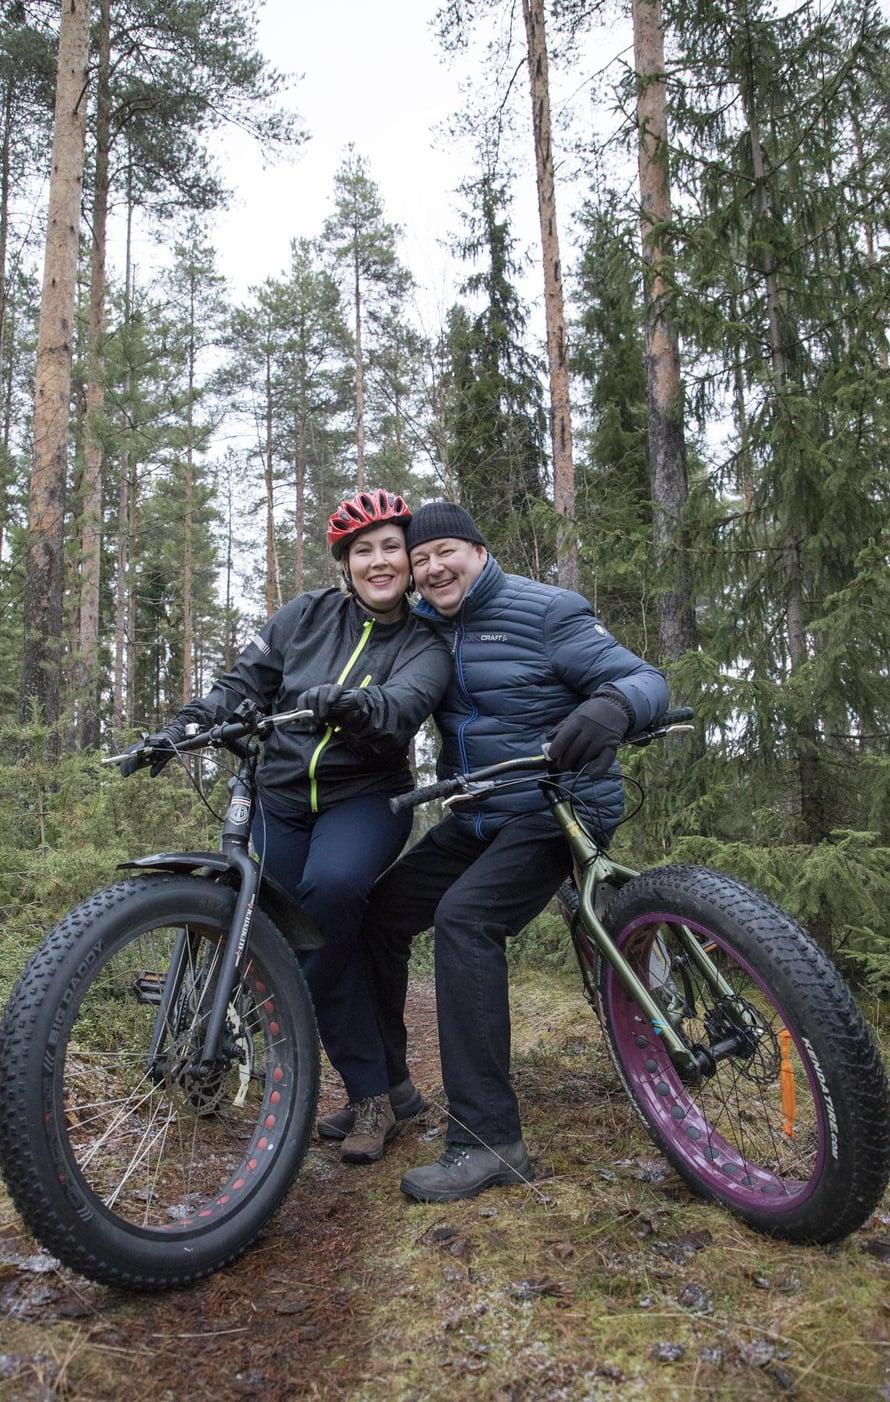 Heidi ja Juha hoitavat parisuhdettaan muun muassa yhteisillä pyörälenkeillä.